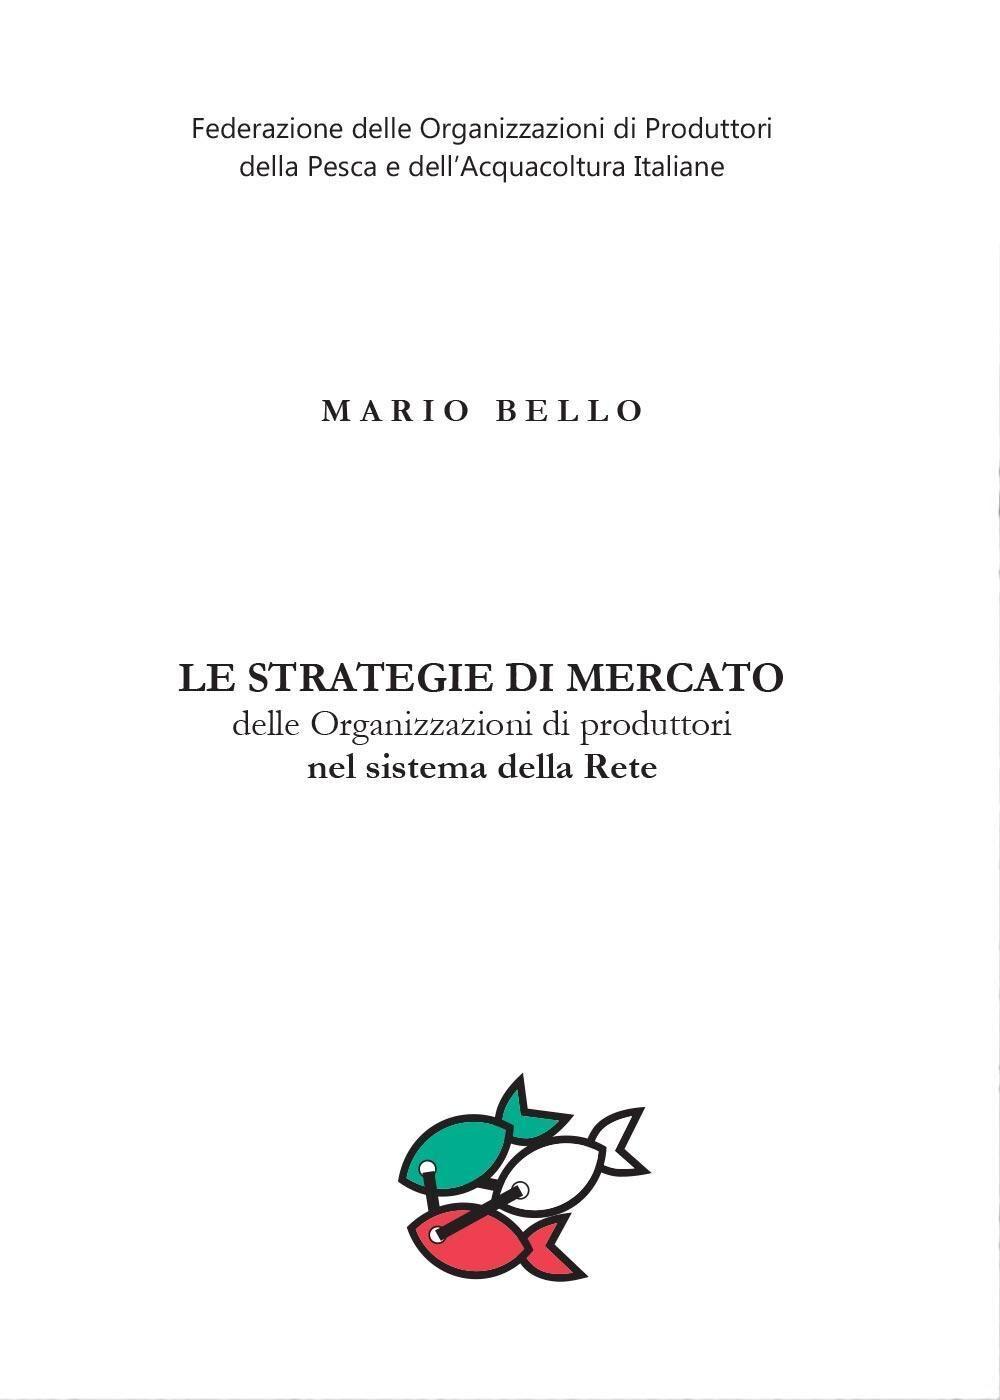 Le strategie di mercato delle organizzazioni di produttori nel sistema della rete